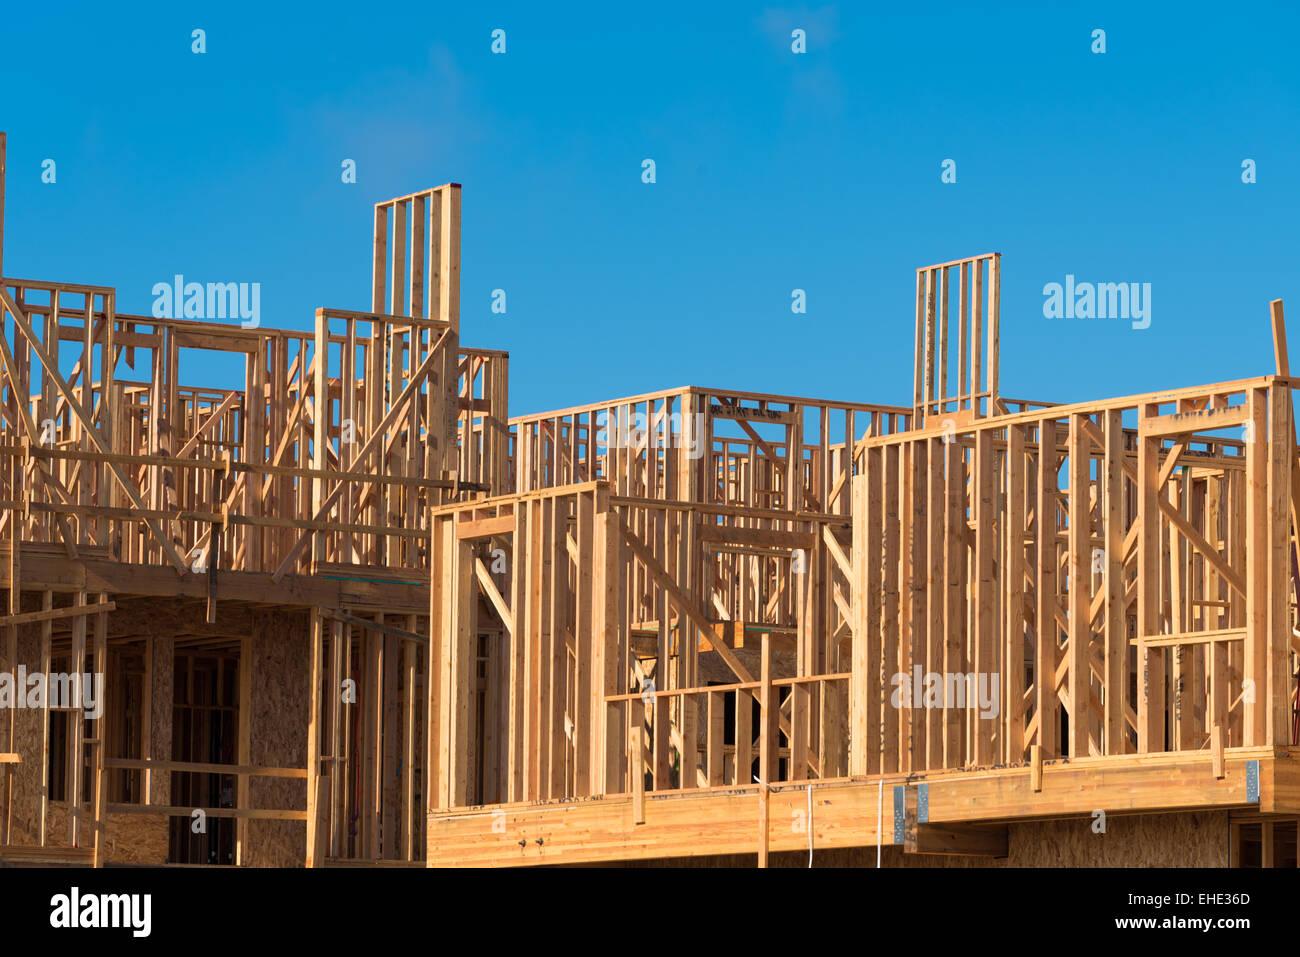 Holz Rahmen für den Bau von neuen Eigentumswohnungen, Wohnungen oder ...